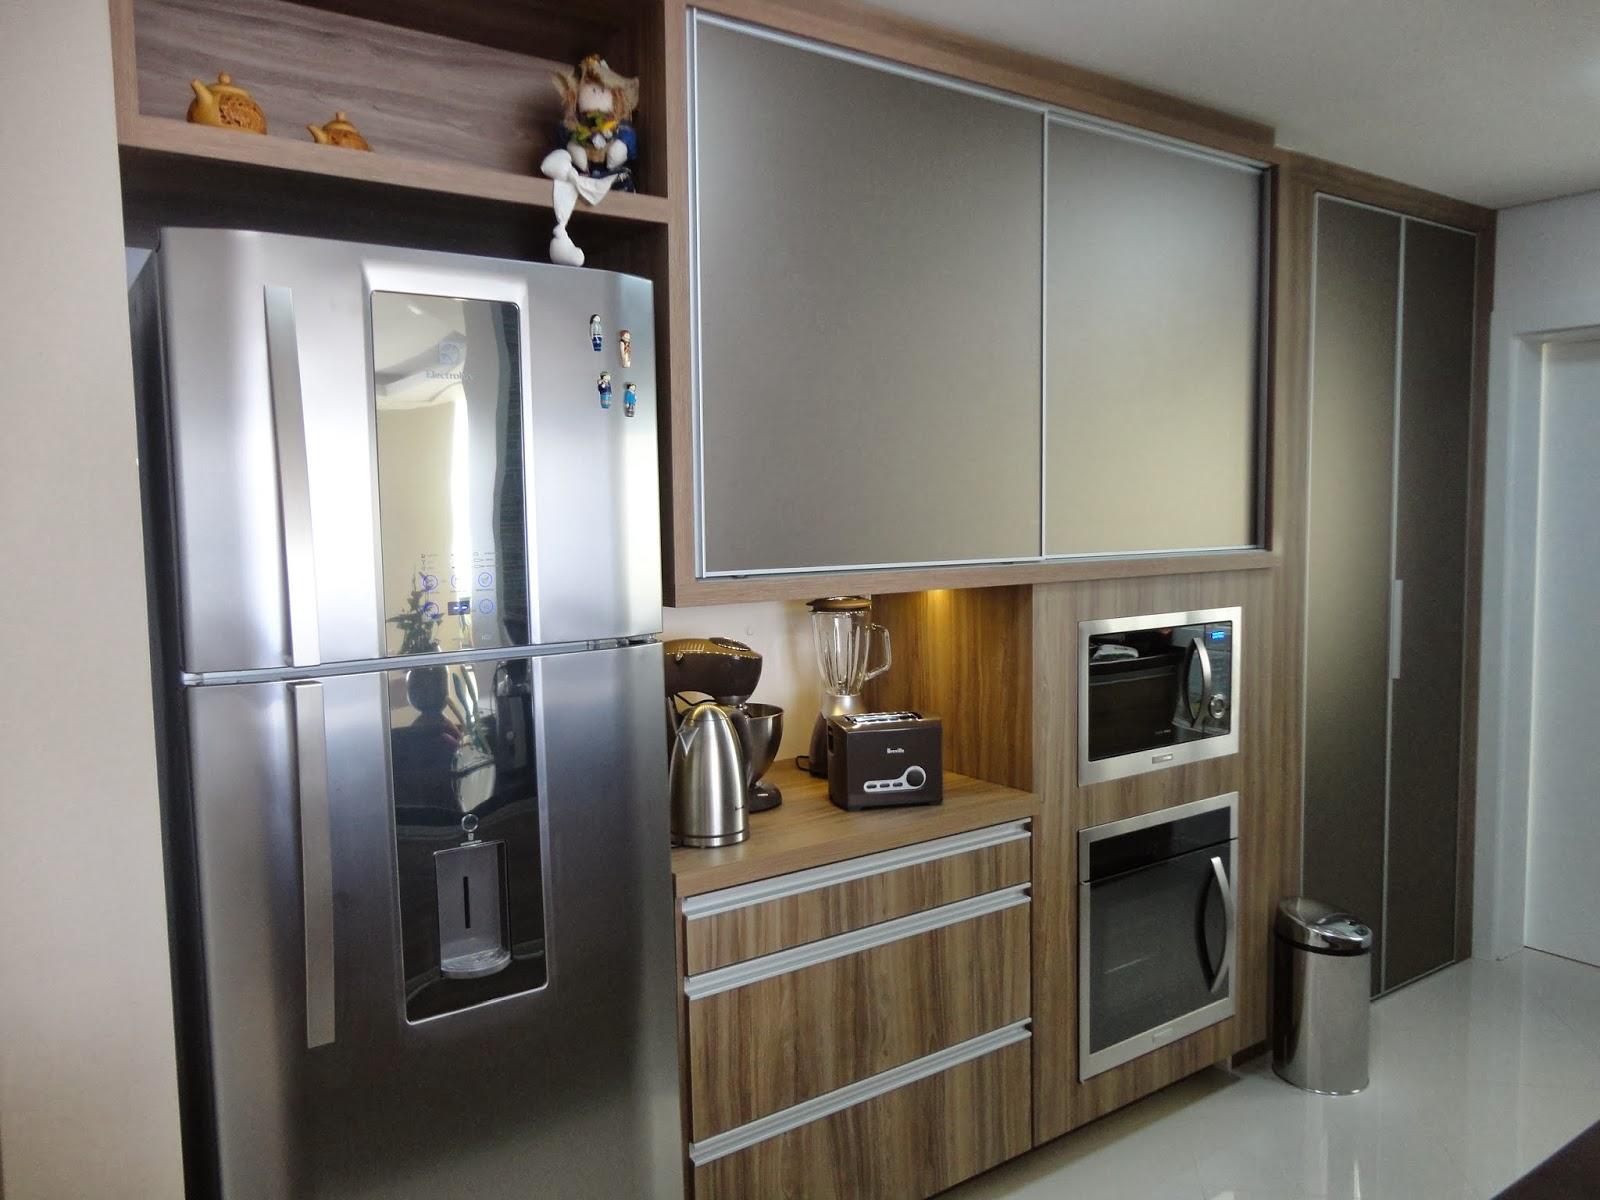 de serviço comodispensa integrada á cozinha e projetos de rebaixo em #5E4C34 1600 1200